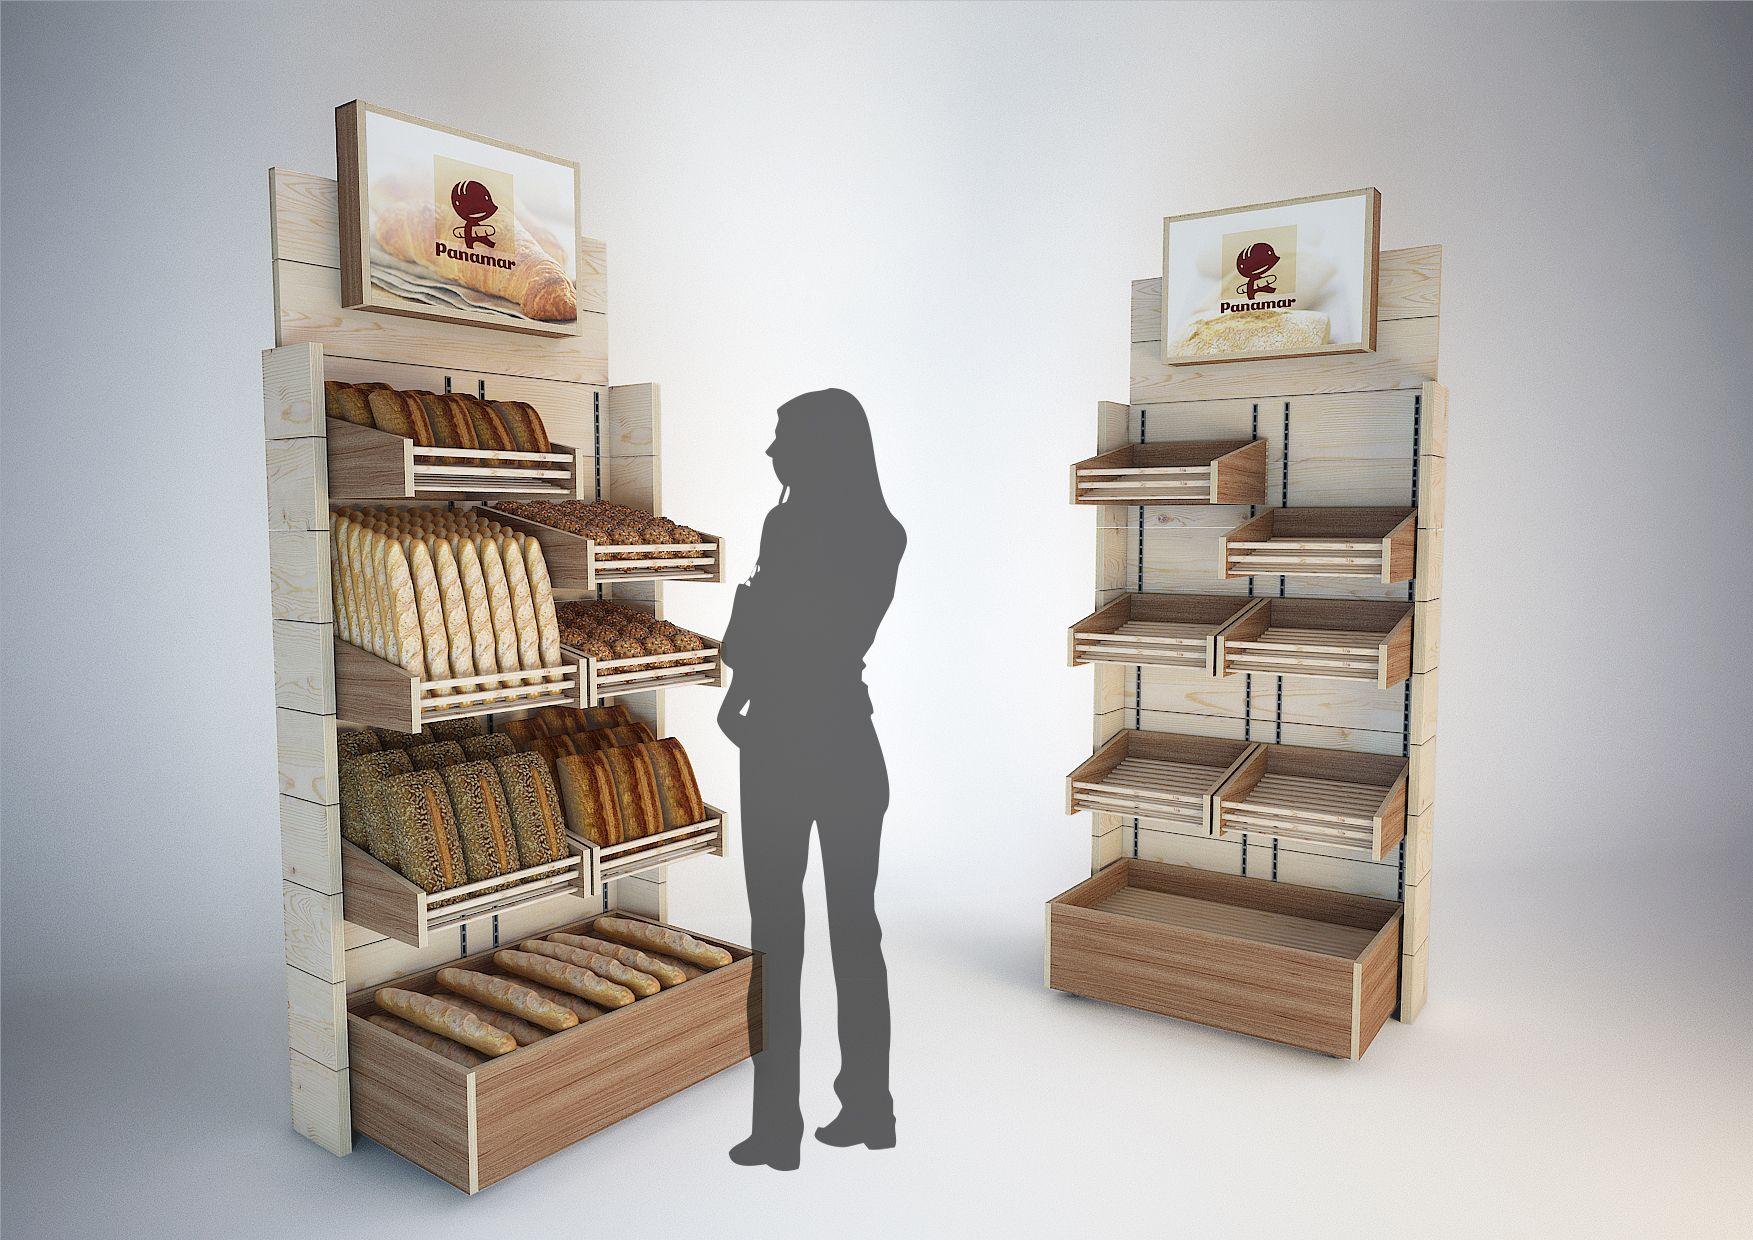 Muebles Supermercado - Mobiliario De Panaderias Pesquisa Google Doceria Pinterest [mjhdah]https://bespokeplv.com/wp-content/uploads/2015/04/expositor_lineal_de_supermecado_2.jpg